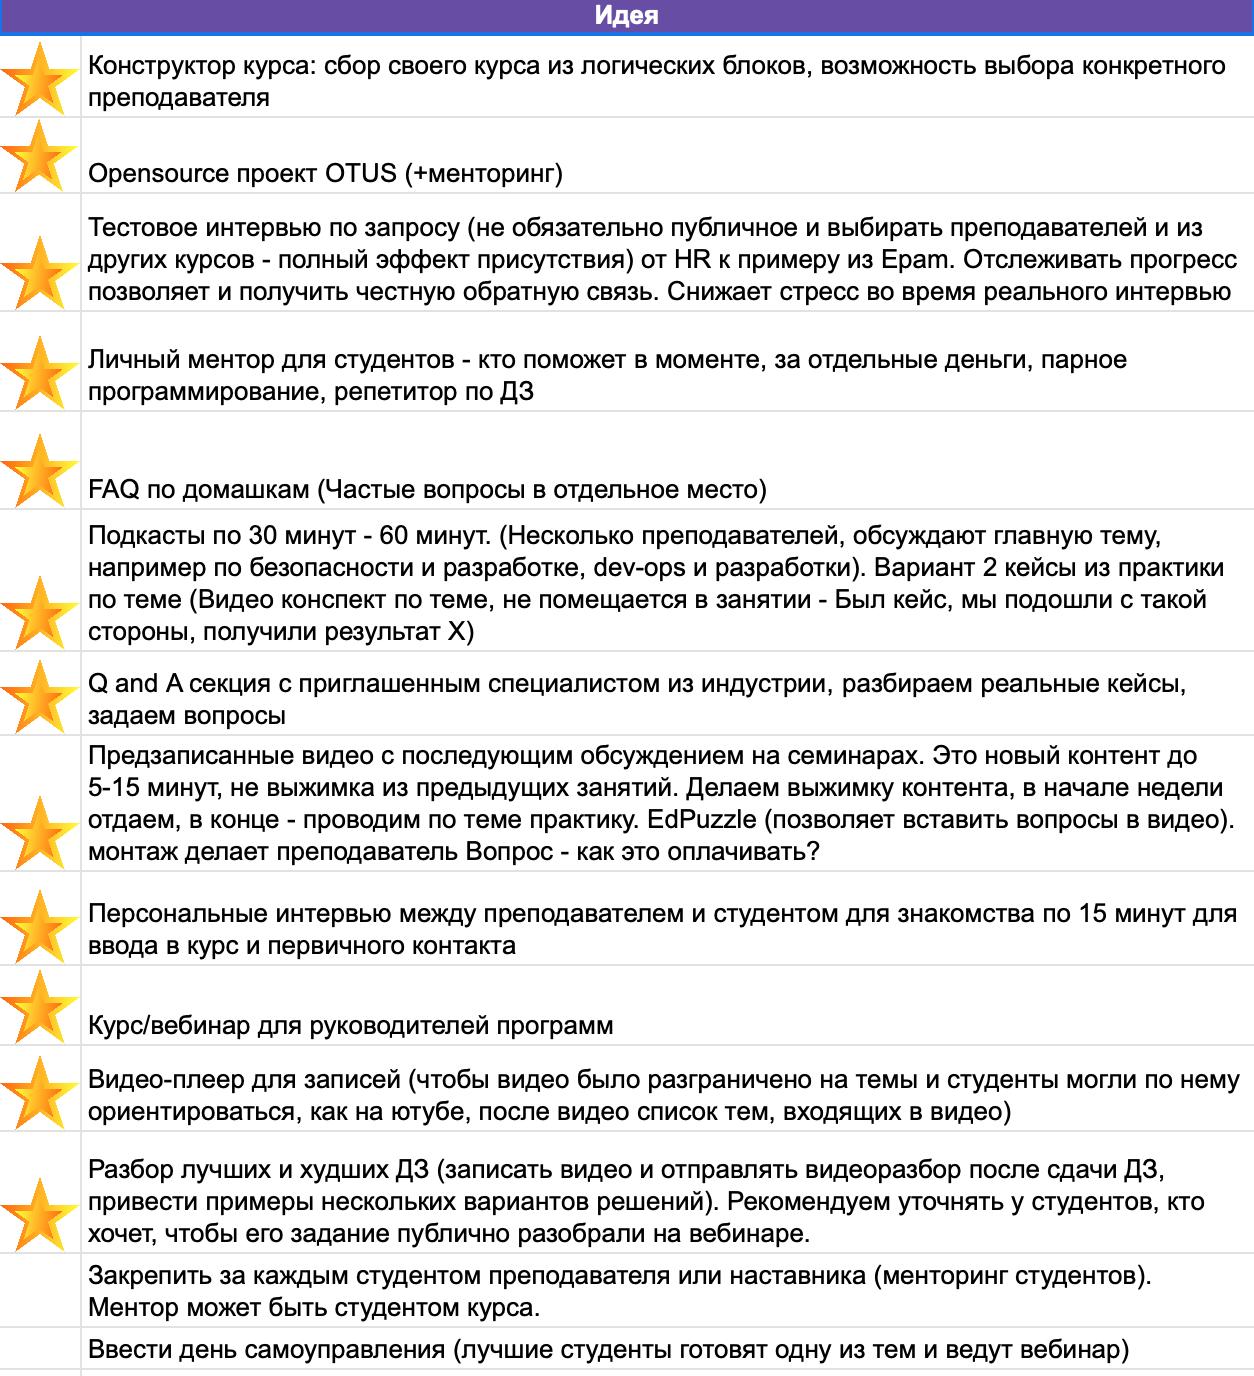 Снимок_экрана_2020_03_26_в_18.46.13-73510-04bf11.png